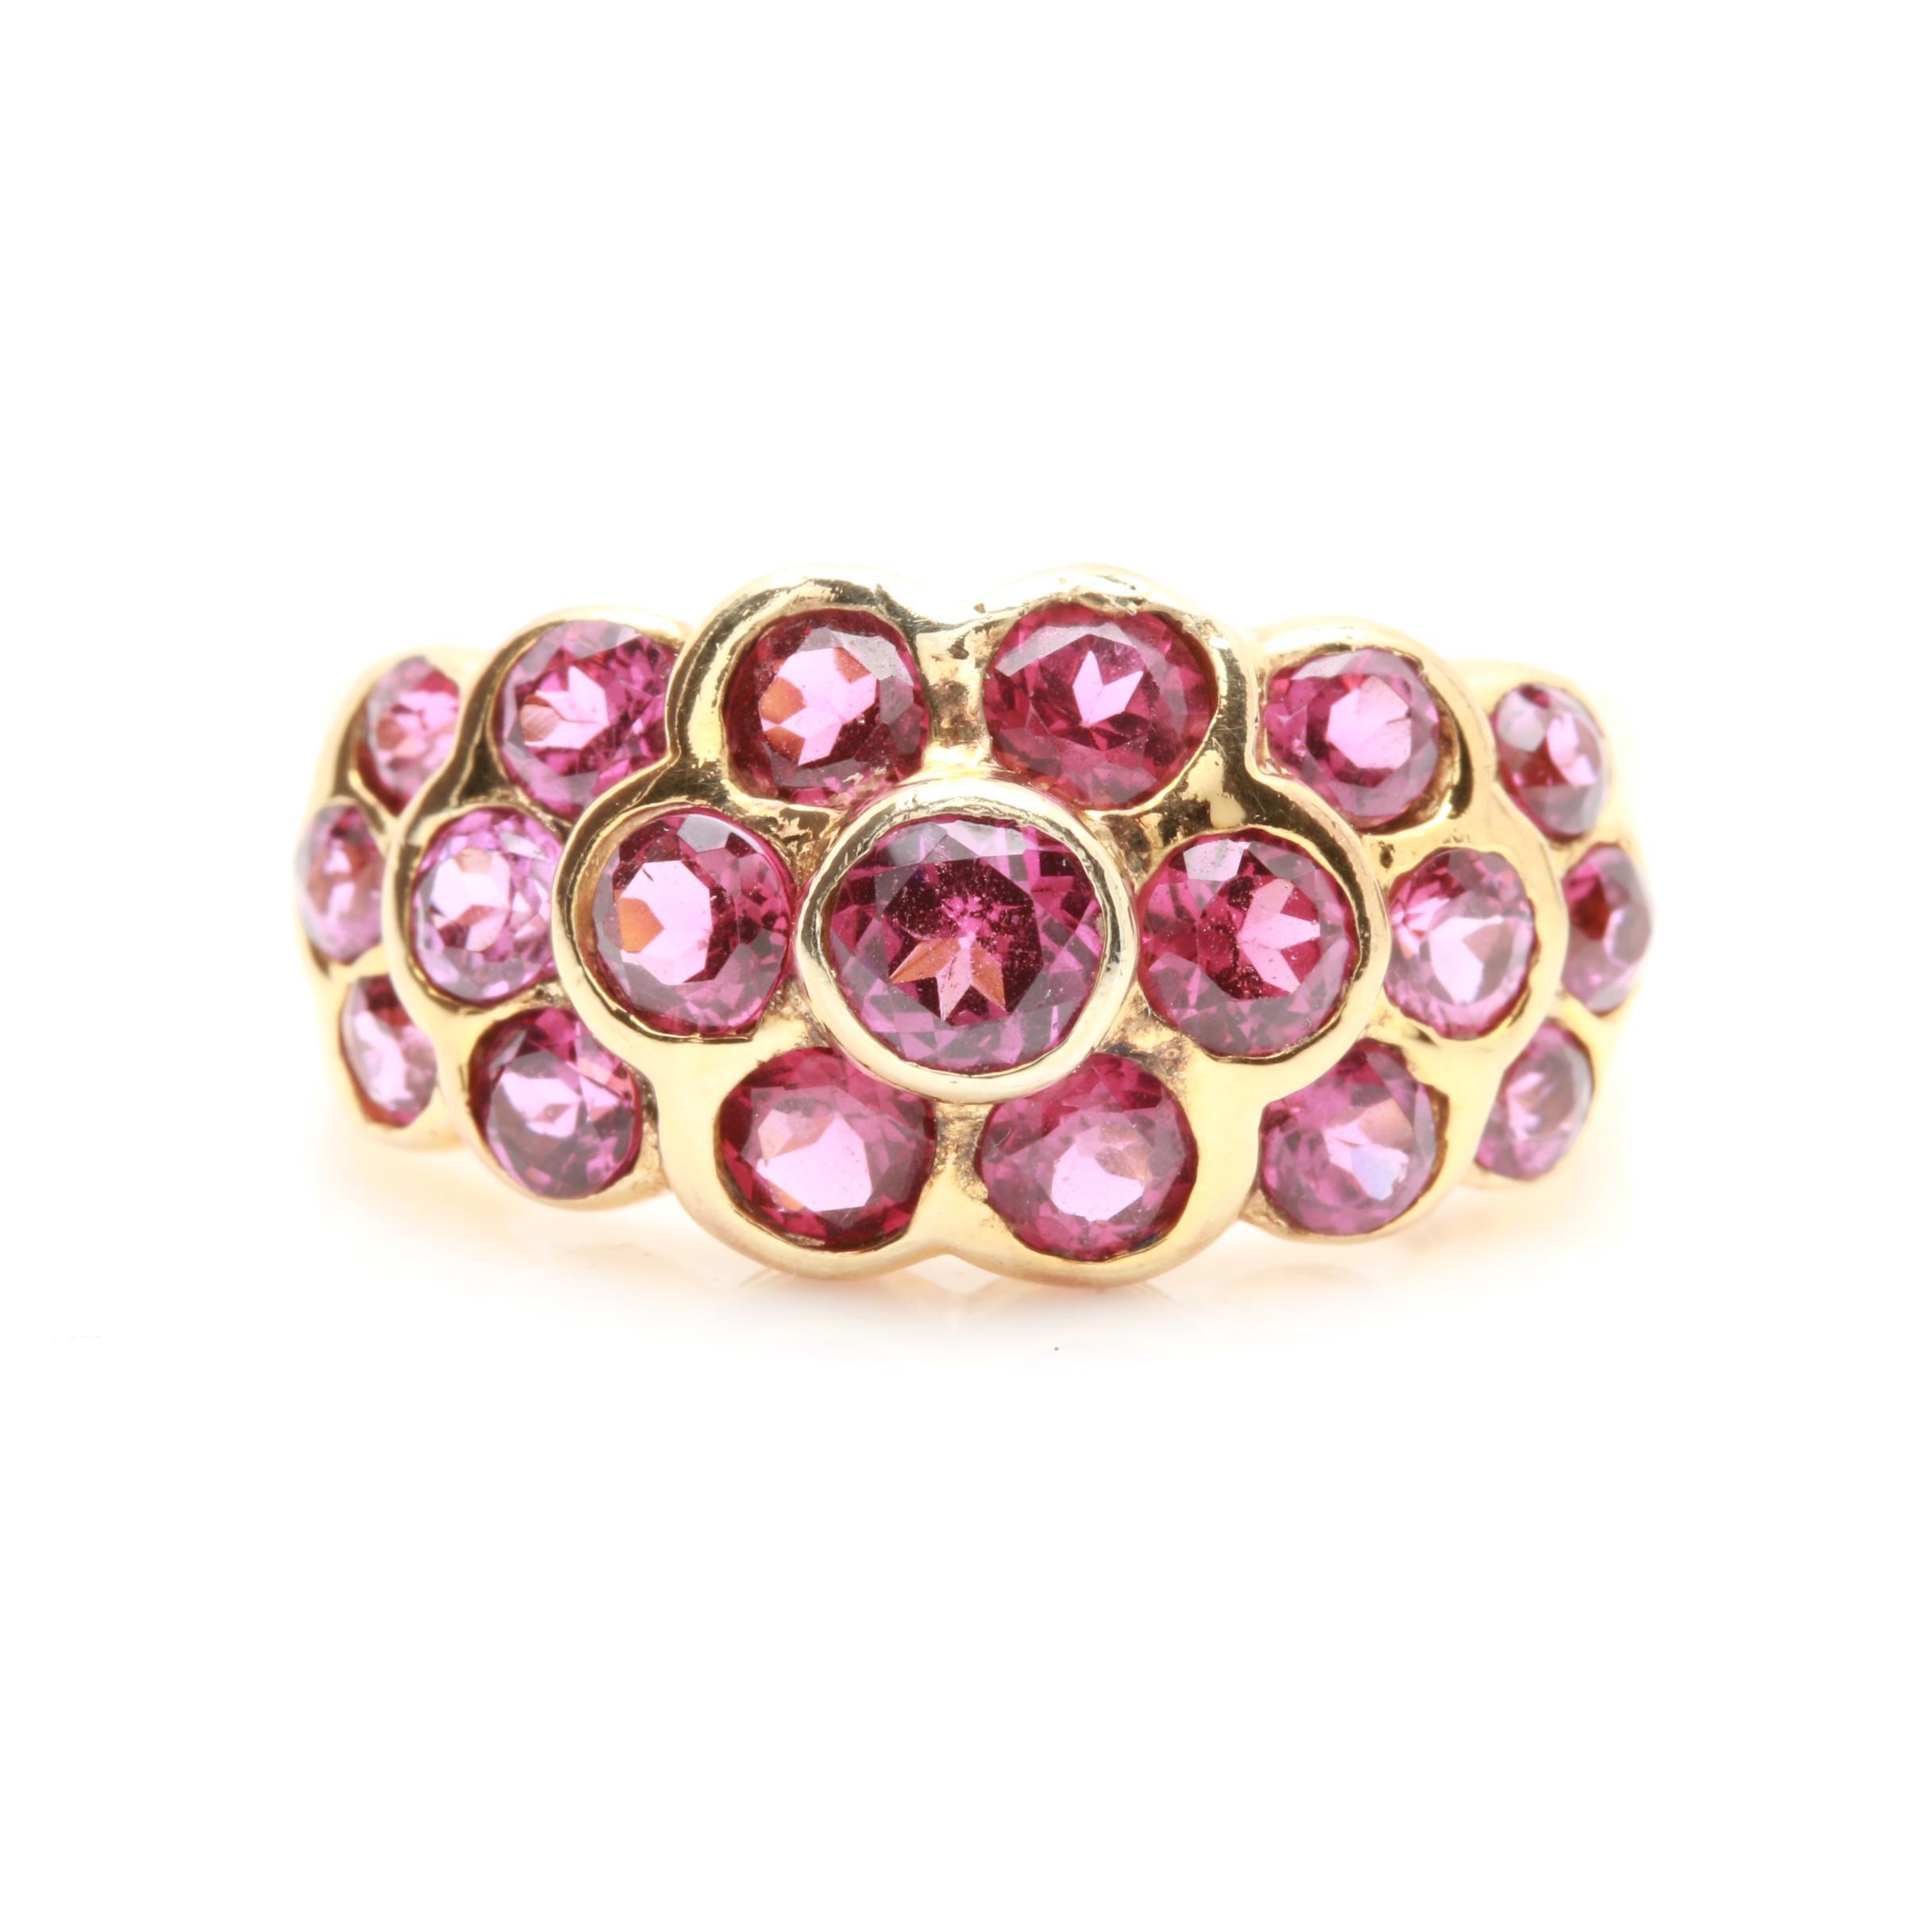 Sterling Silver Rhodolite Garnet Ring